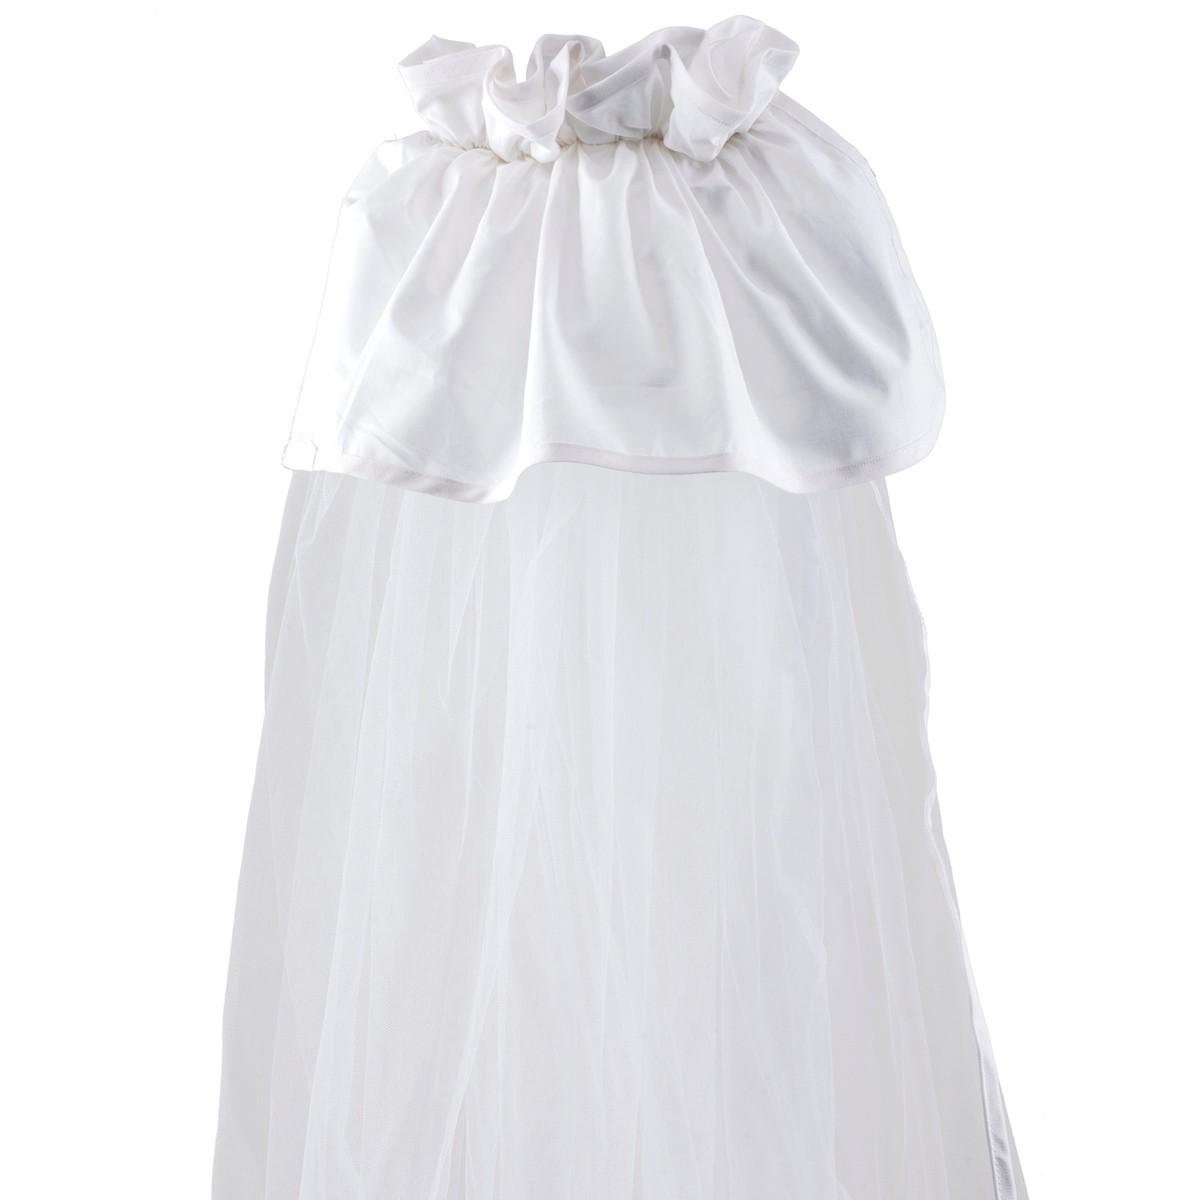 Κουνουπιέρα Λίκνου Κόσμος Του Μωρού Μονόχρωμη 0872 Λευκό